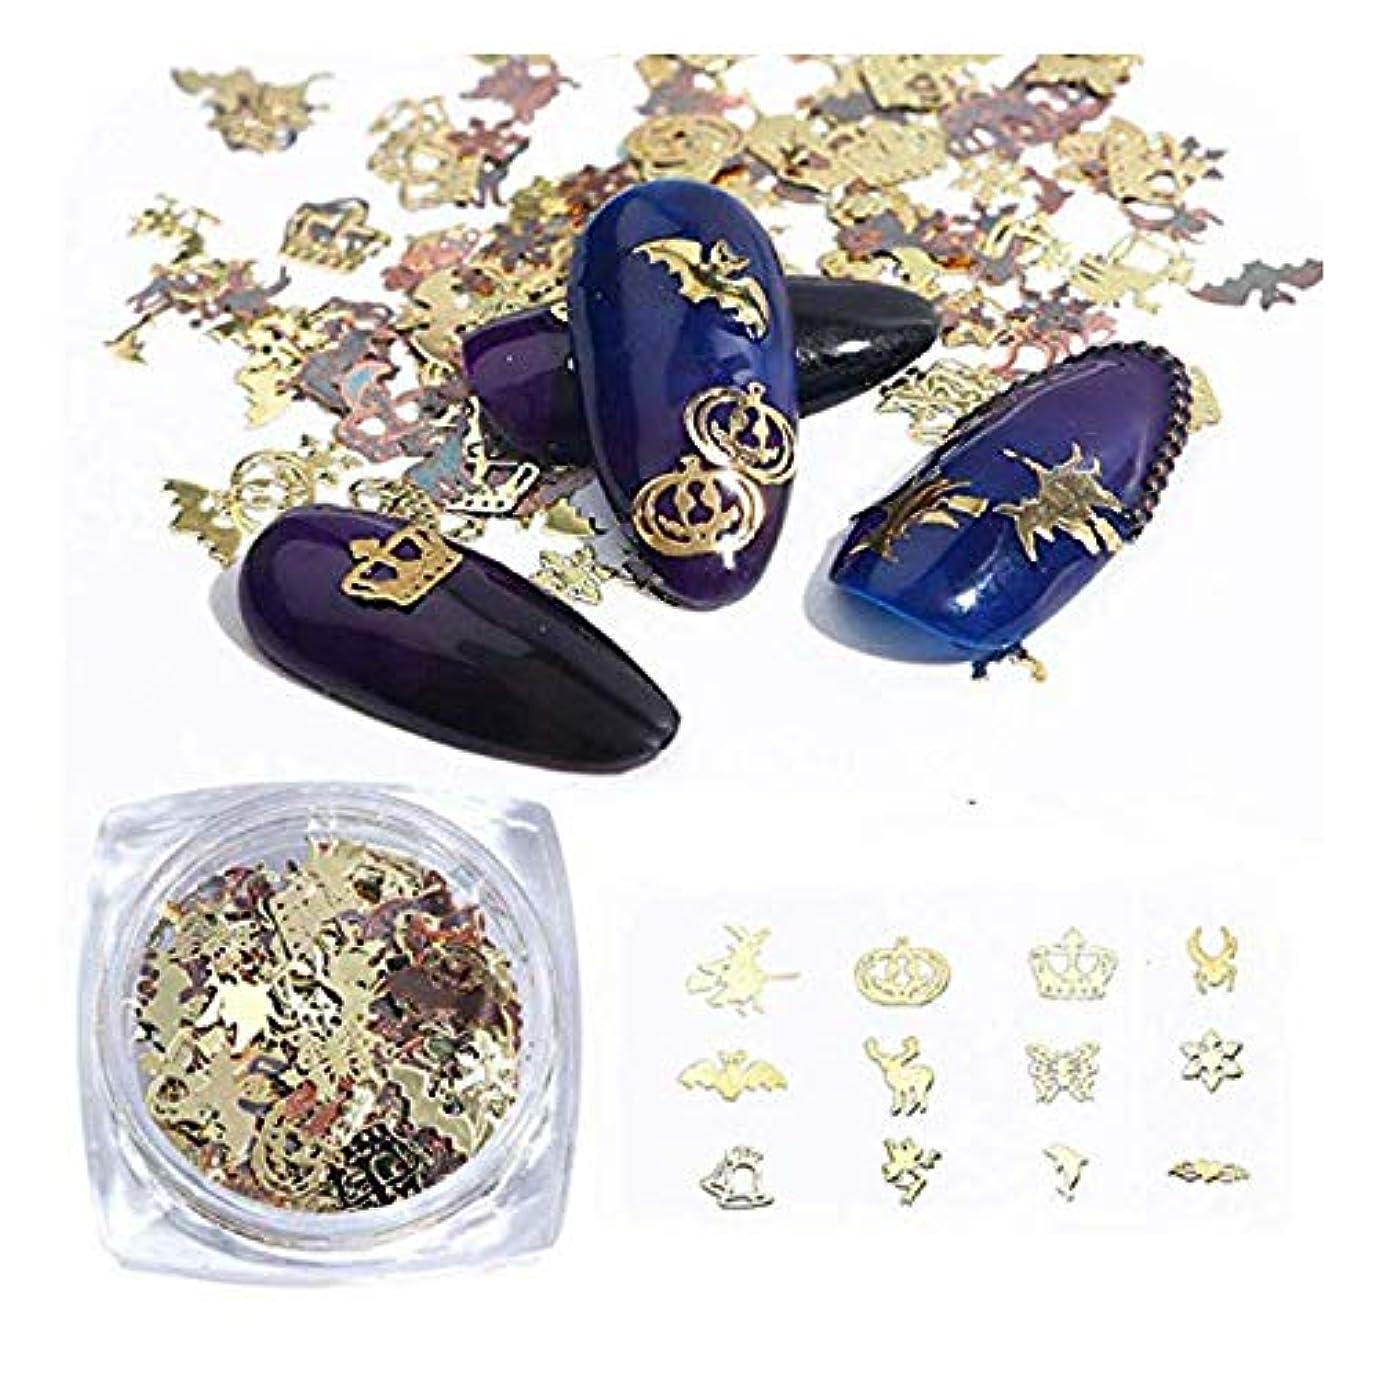 感じる目指す気楽なハロウィンネイルステッカーパッチ合金オーナメントアクセサリーdiy装飾用ネイルアートステッカー,Gold